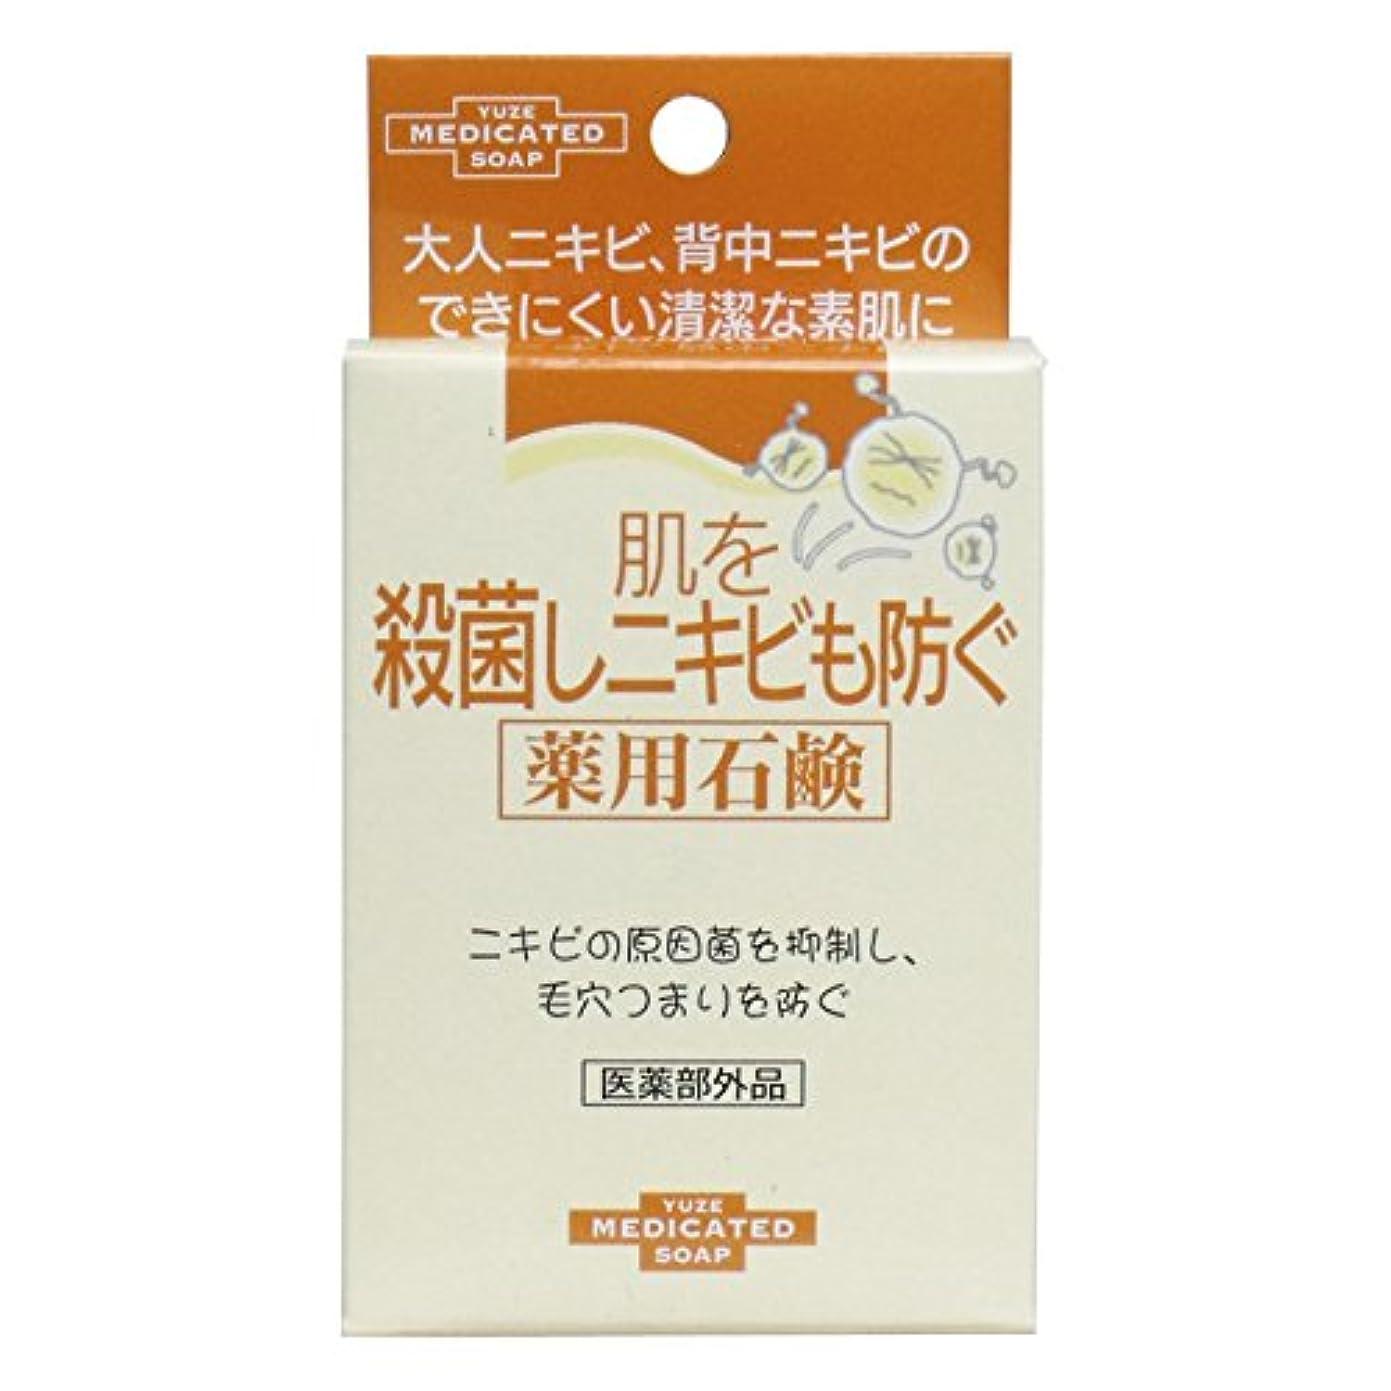 池宿る交差点ユゼ 肌を殺菌しニキビも防ぐ薬用石鹸 (110g)